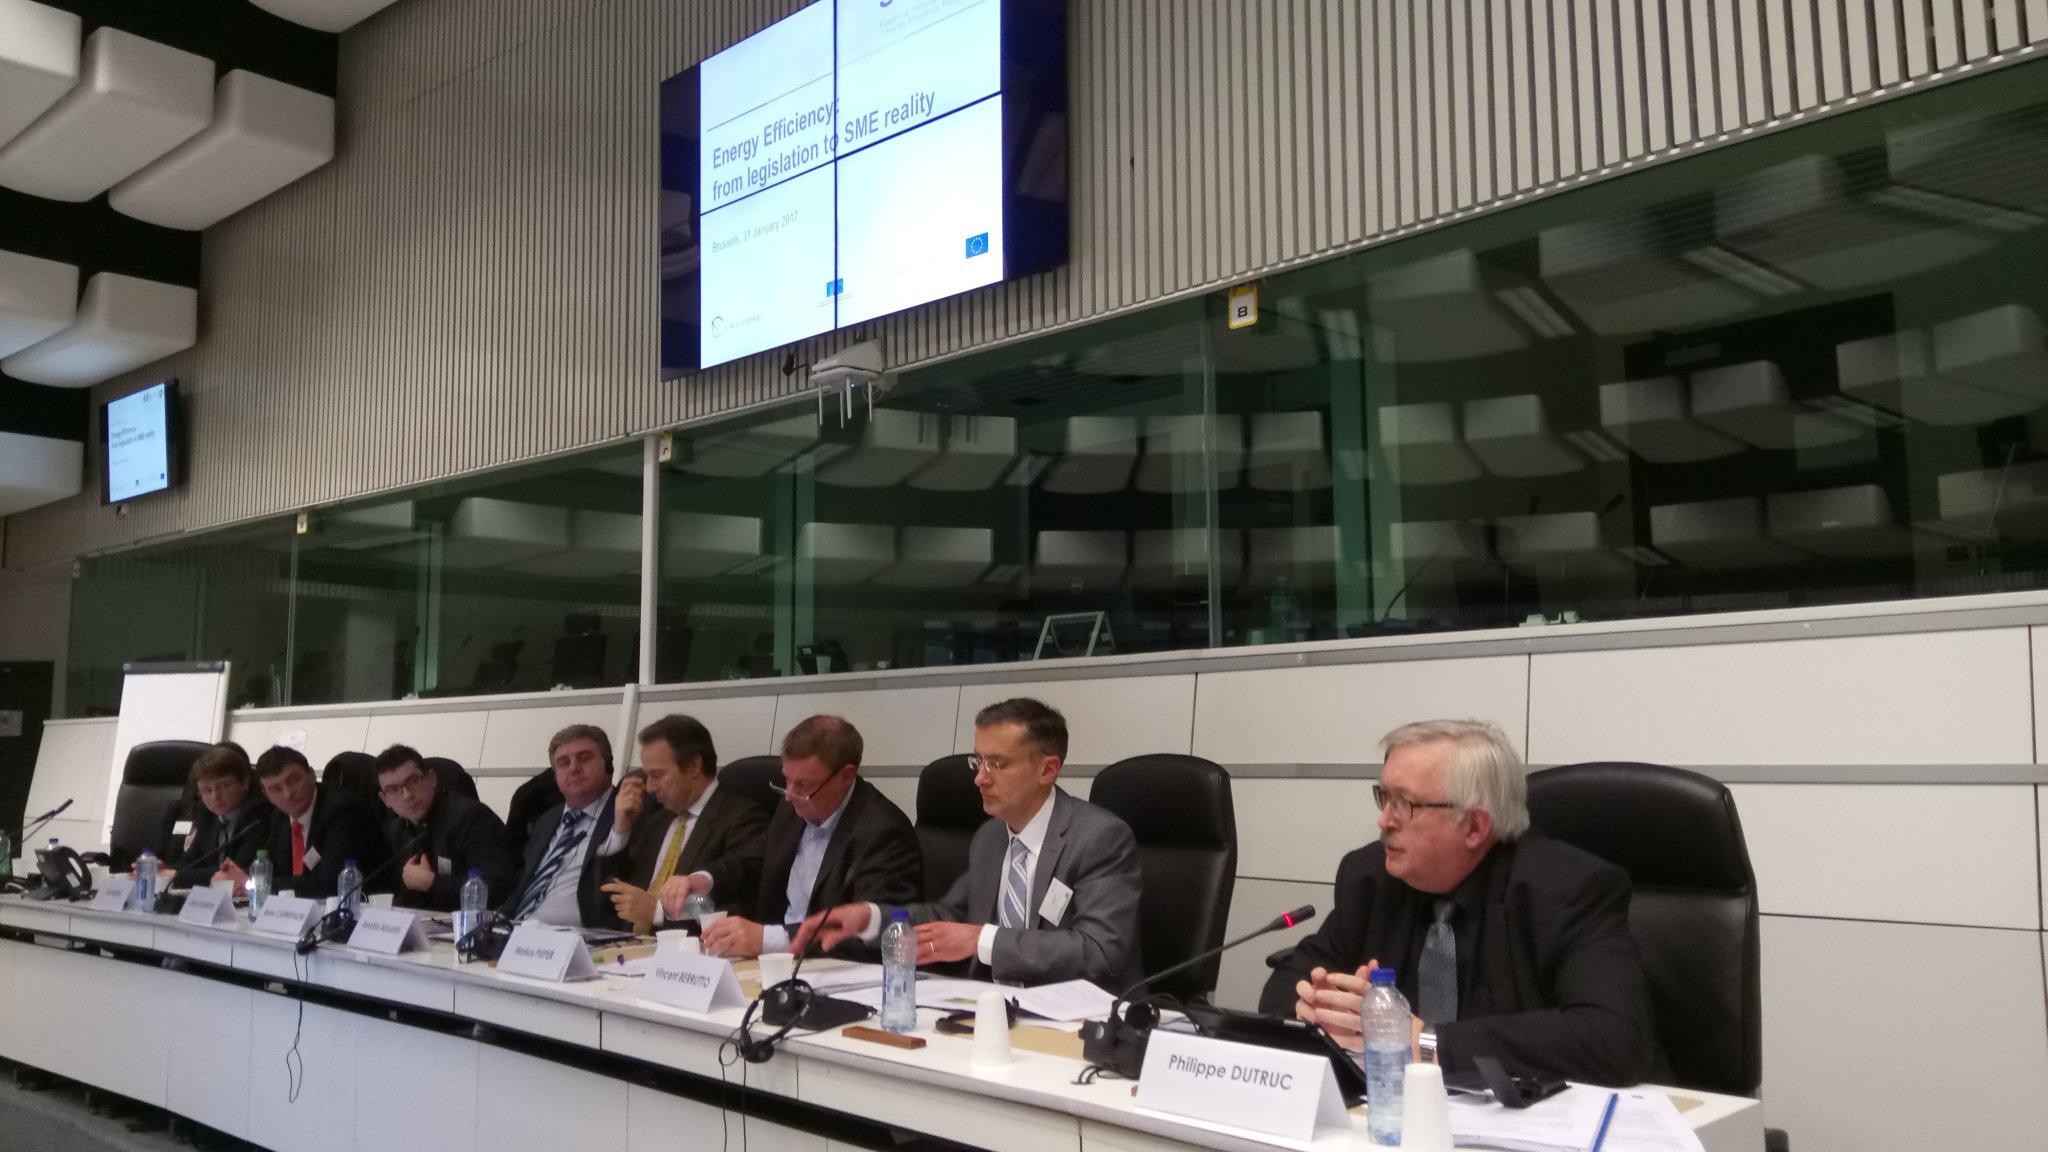 .@DUTRUCPhilippe à la conférence #STEEEP : les #CCI  favorisent l'amélioration et le financement de la performance énergétique des #PME https://t.co/5cQx380bWO